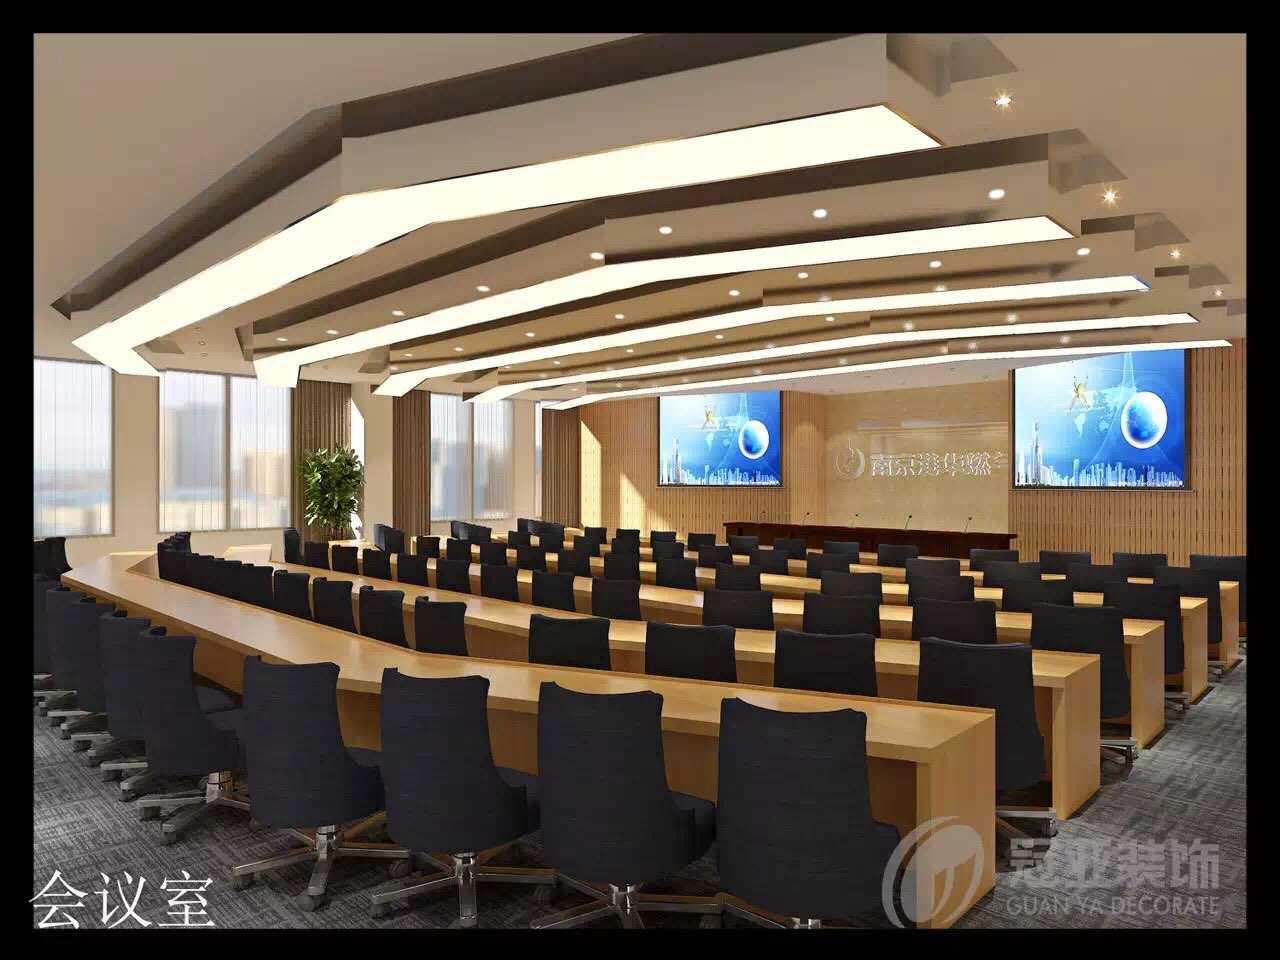 装修 上海/让办公室给人一种明快感也是设计的基本要求,办公环境明快是指...